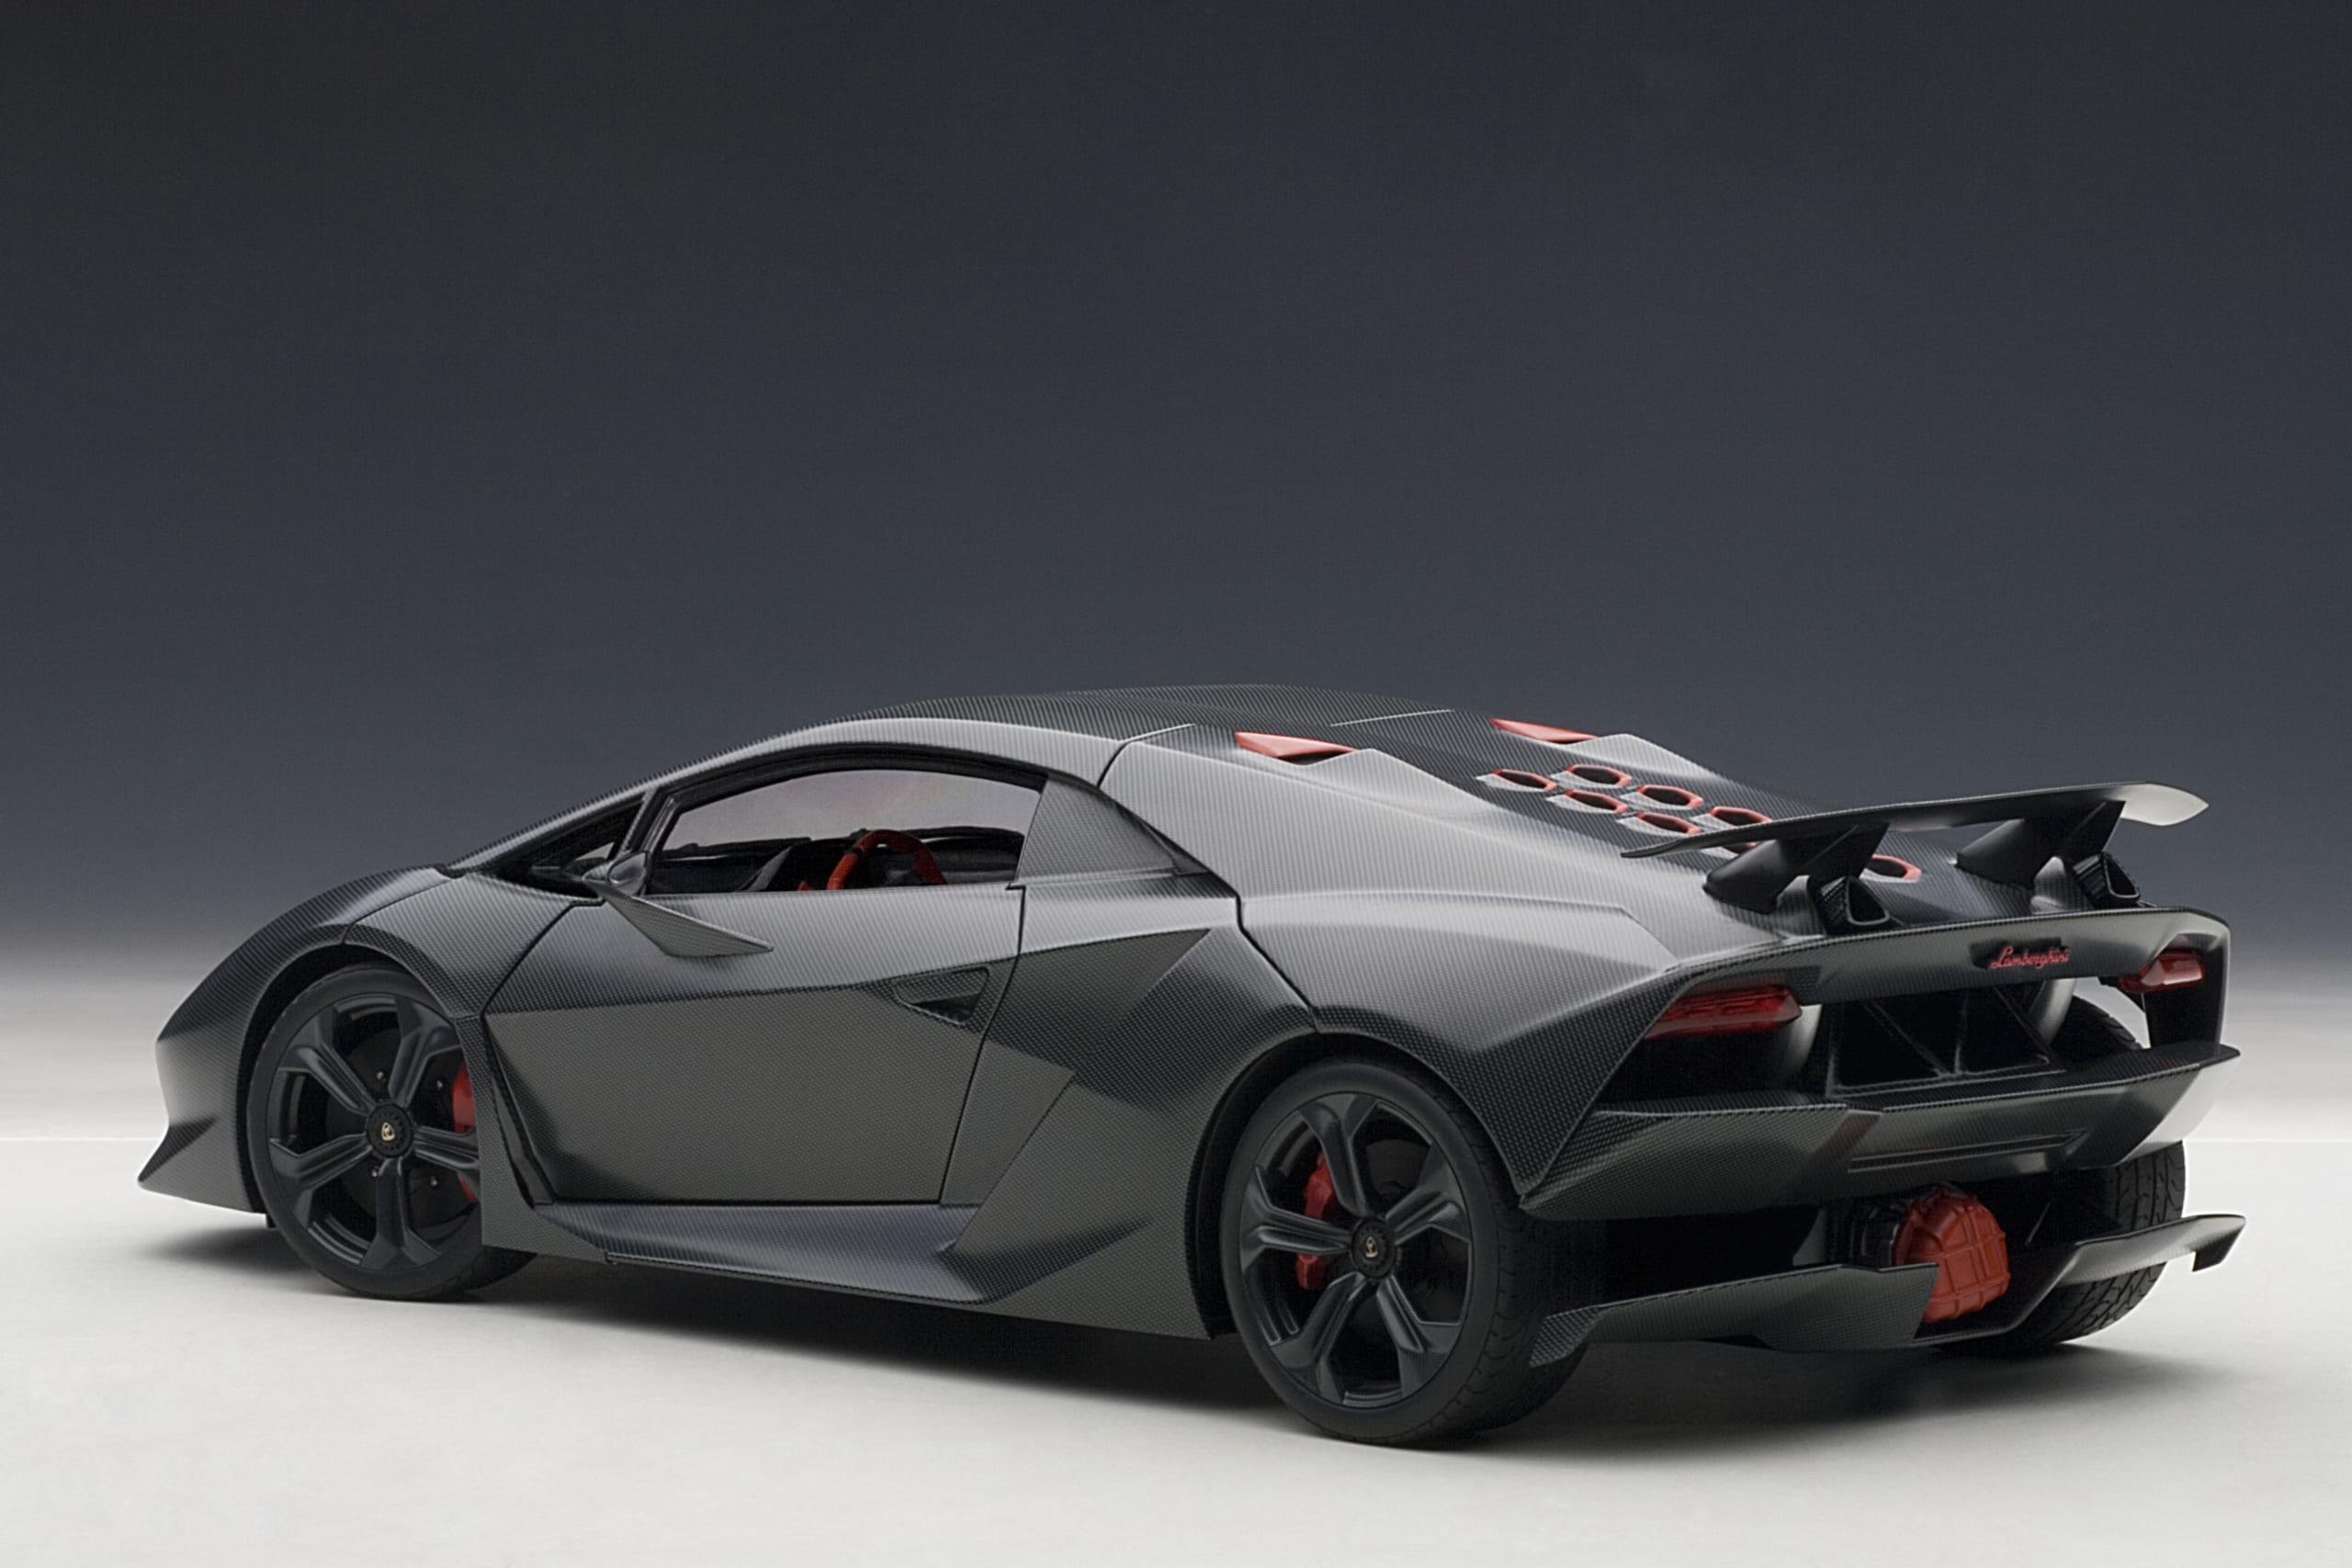 Lamborghini Sesto Elemento Autoart